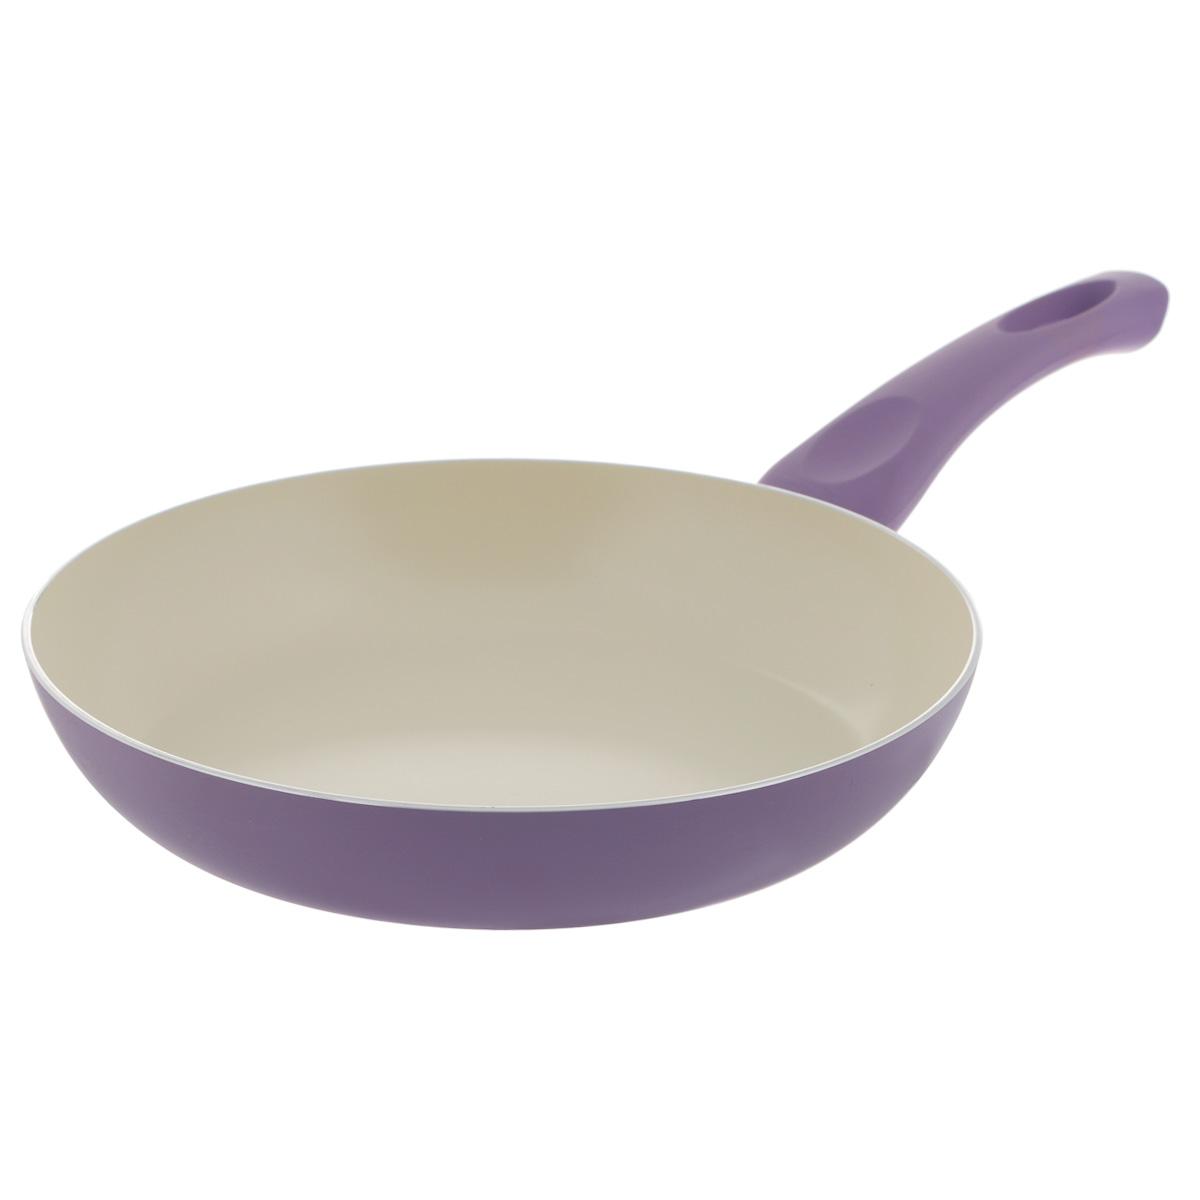 Сковорода Mayer & Boch, с керамическим покрытием, цвет: сиреневый. Диаметр 24 см. 2195621956Сковорода Mayer & Boch изготовлена из литого алюминия с керамическим покрытием. Сковорода предназначена для здорового и экологичного приготовления пищи. Пища не пригорает и не прилипает к стенкам. Абсолютно гладкая поверхность легко моется. Посуда экологически чистая, не содержит примеси ПФОК. Рукоятка специального дизайна, выполненная из бакелита с силиконовым покрытием, удобна и комфортна в эксплуатации. Внешнее цветное покрытие устойчиво к воздействию высоких температур. Можно использовать на газовых, электрических, керамических плитах. Не подходит для индукционных плит. Можно мыть в посудомоечной машине. Высота стенки: 4,6 см. Толщина стенки: 2,5 мм. Толщина дна: 3 мм. Длина ручки: 18 см.